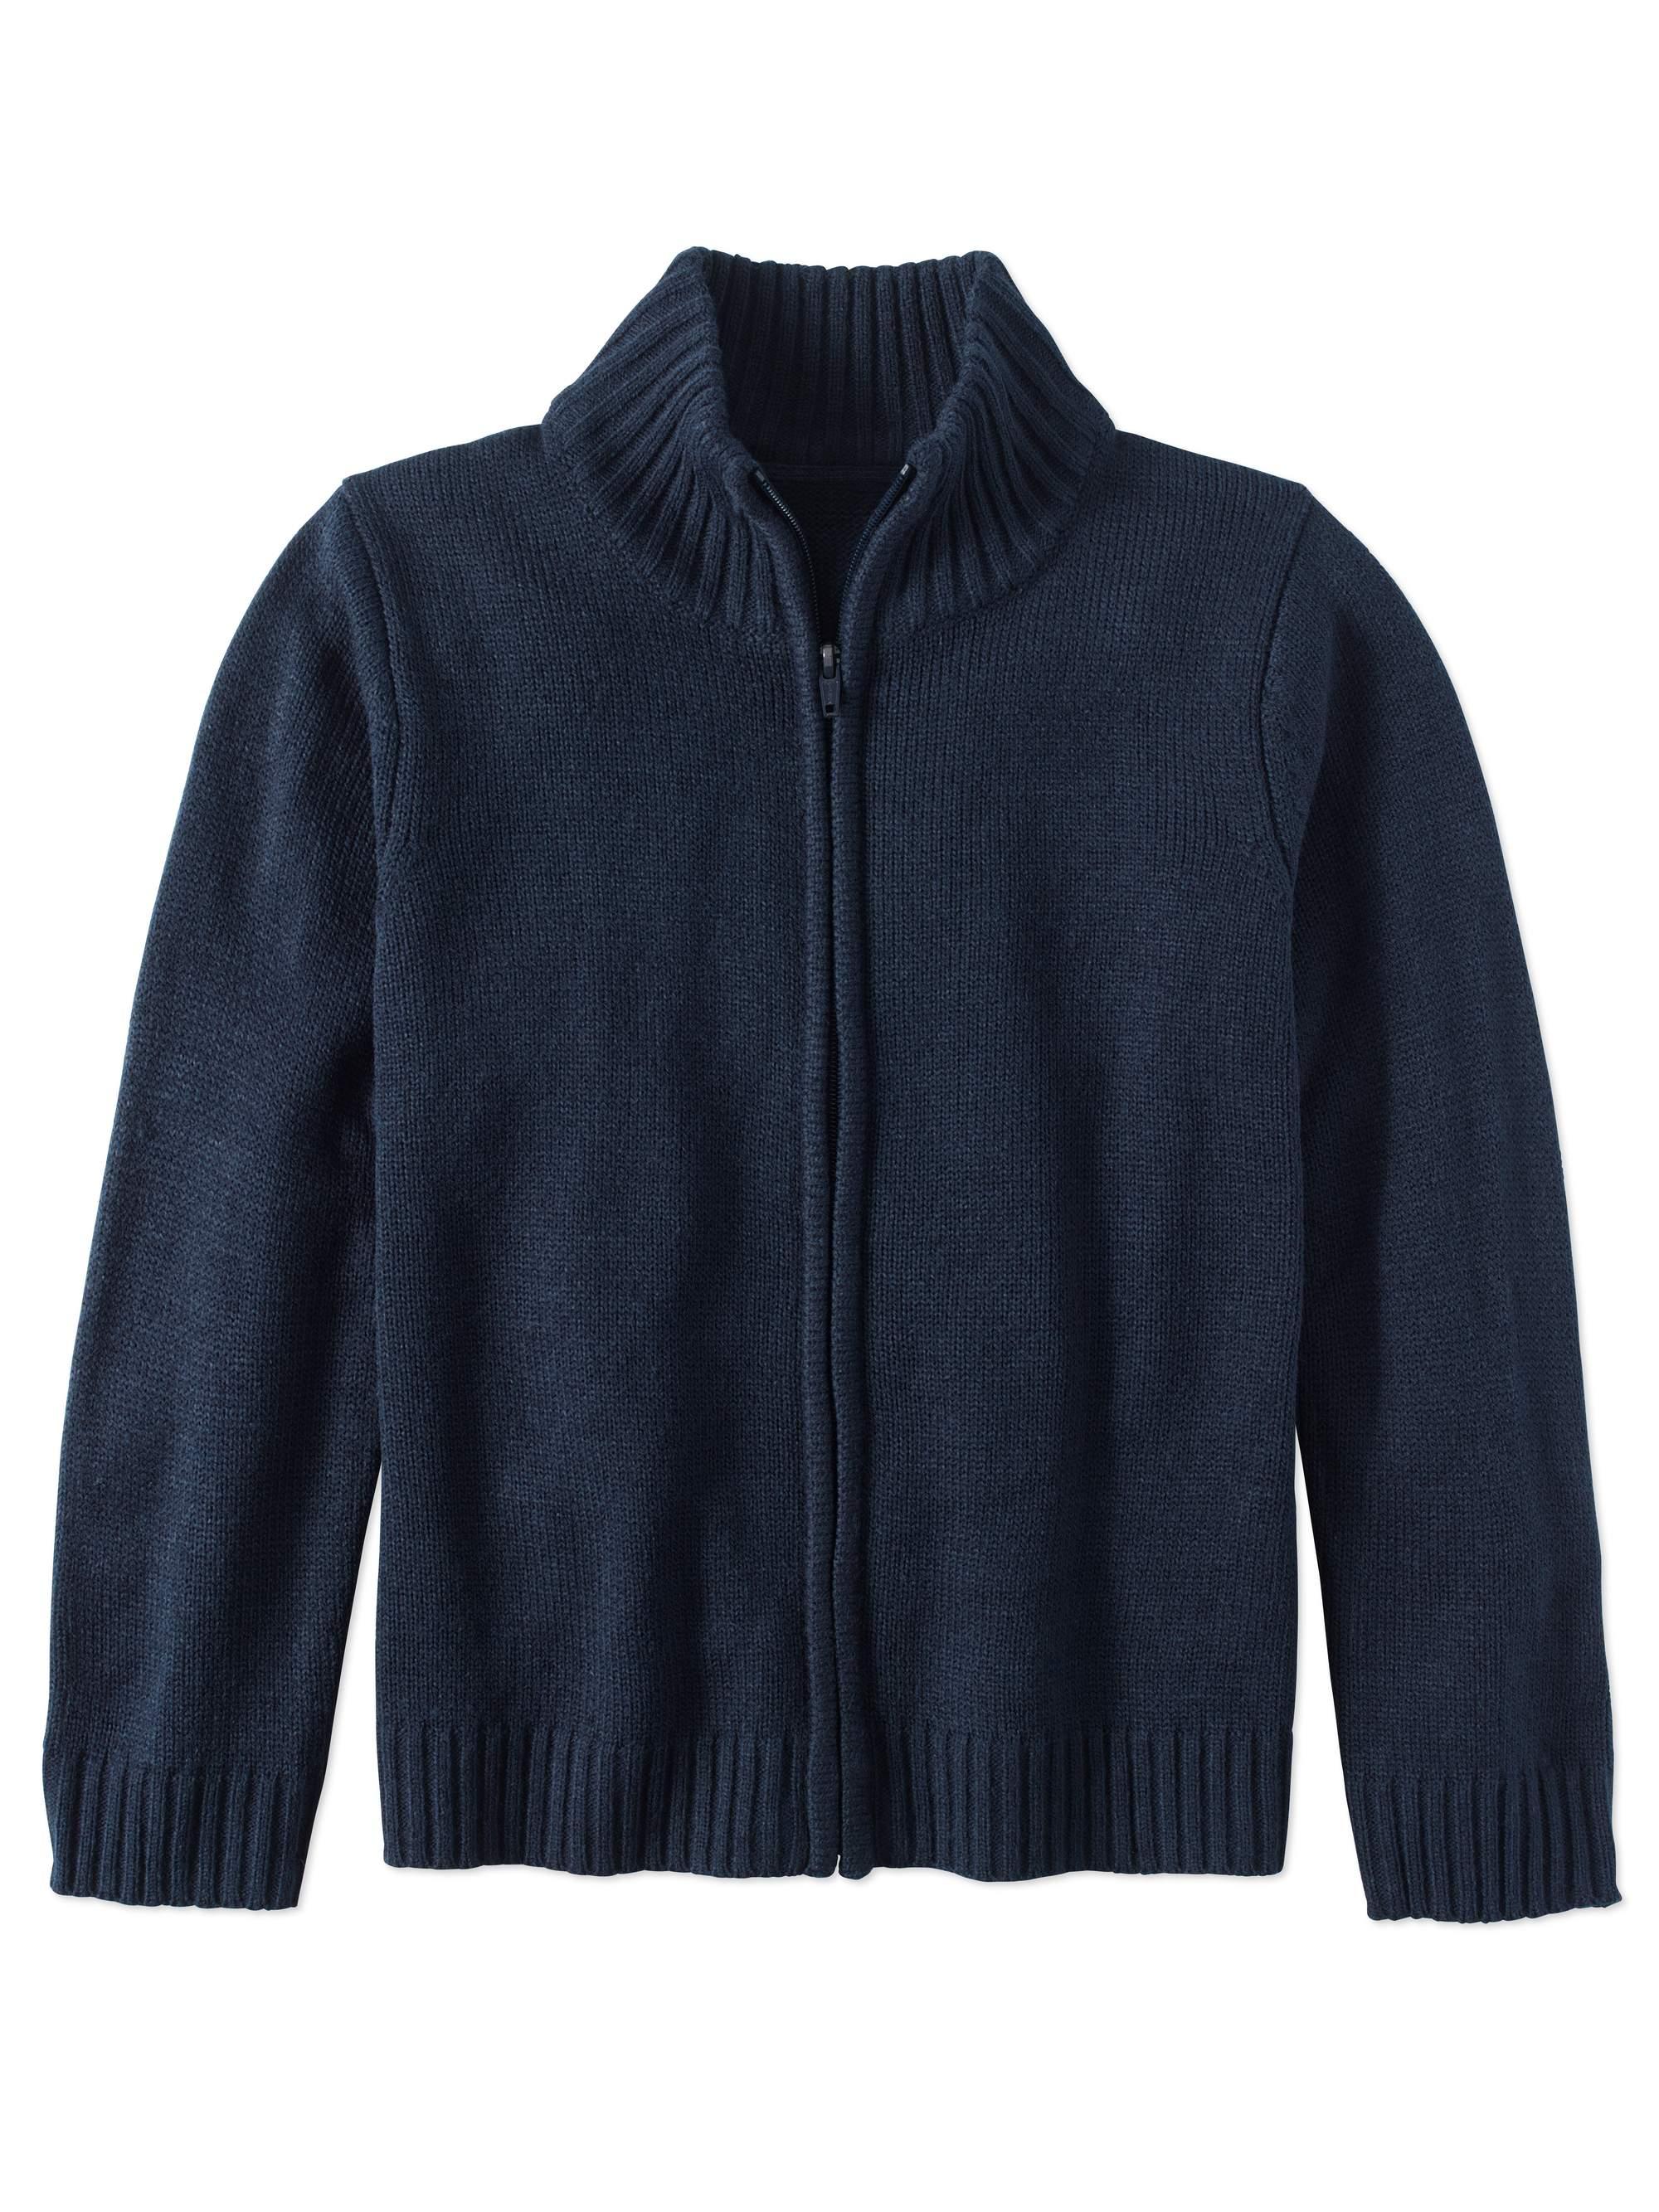 Boys School Uniform Zip Up Sweater